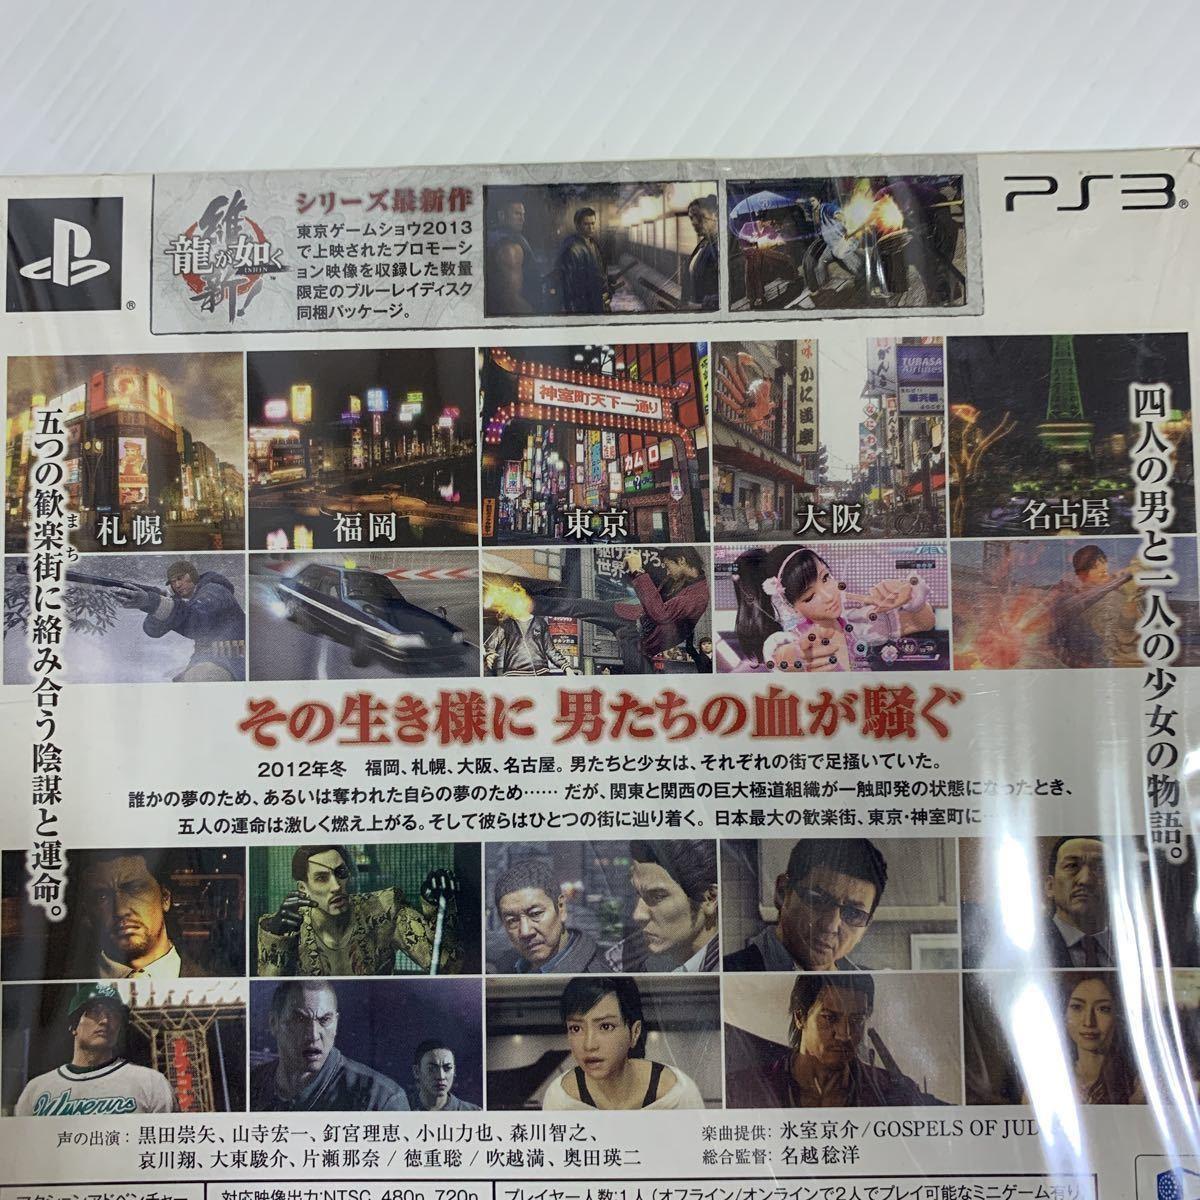 ■新品 ■龍が如く5 夢、叶えし者 PlayStation3 the Best 数量限定版 プロモーション映像ブルーレイ同梱_画像4